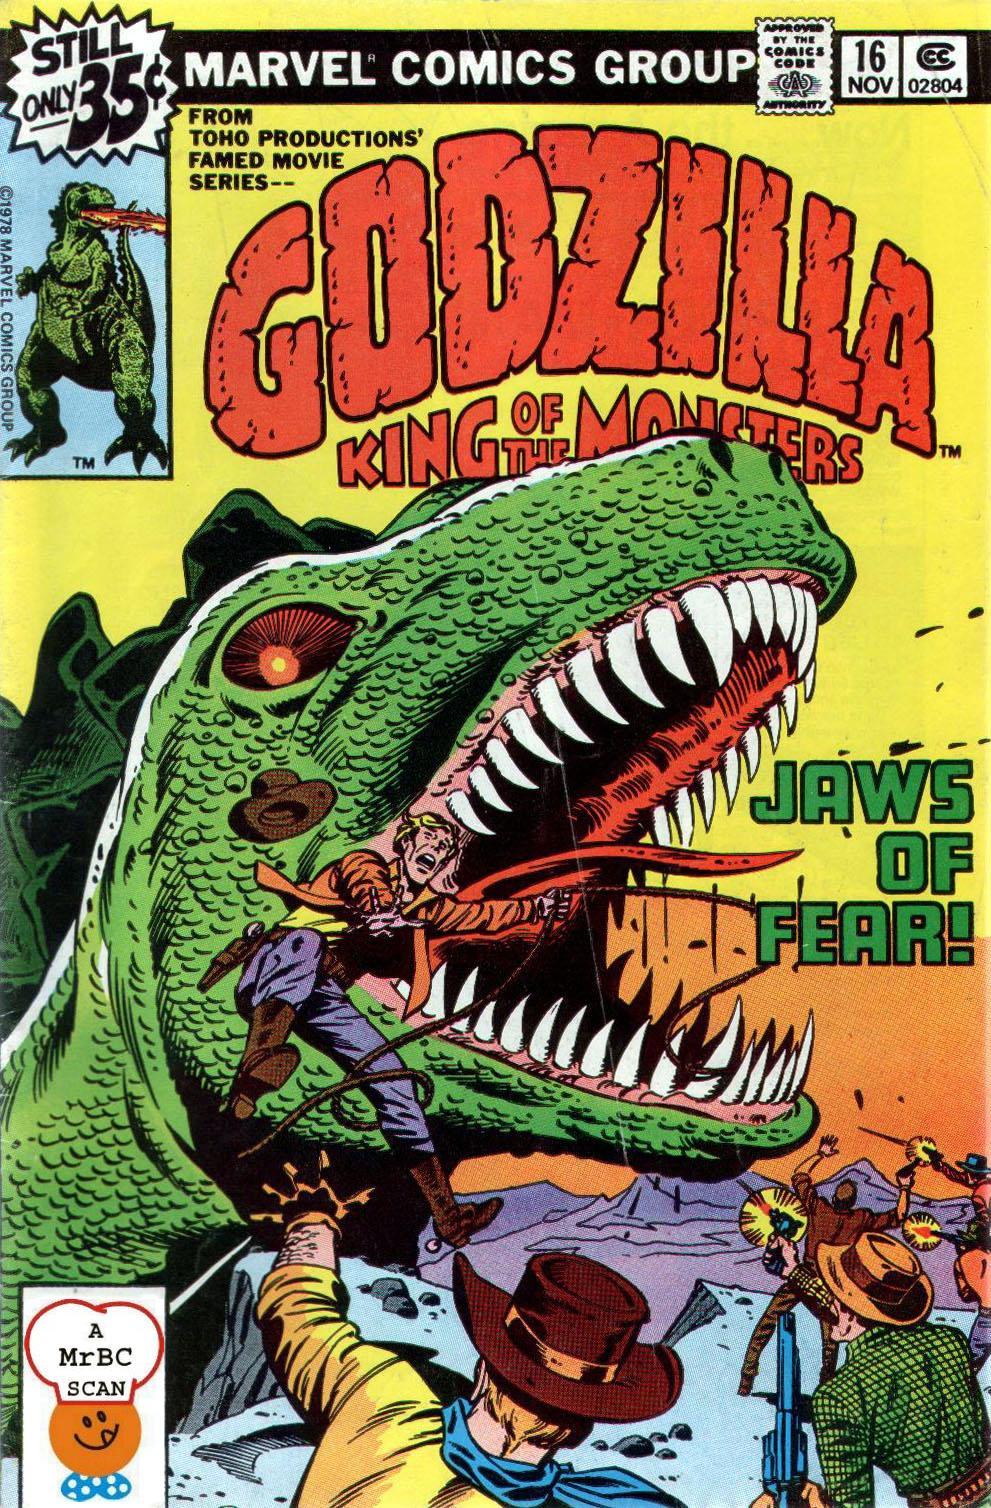 Godzilla (1977) issue 16 - Page 1